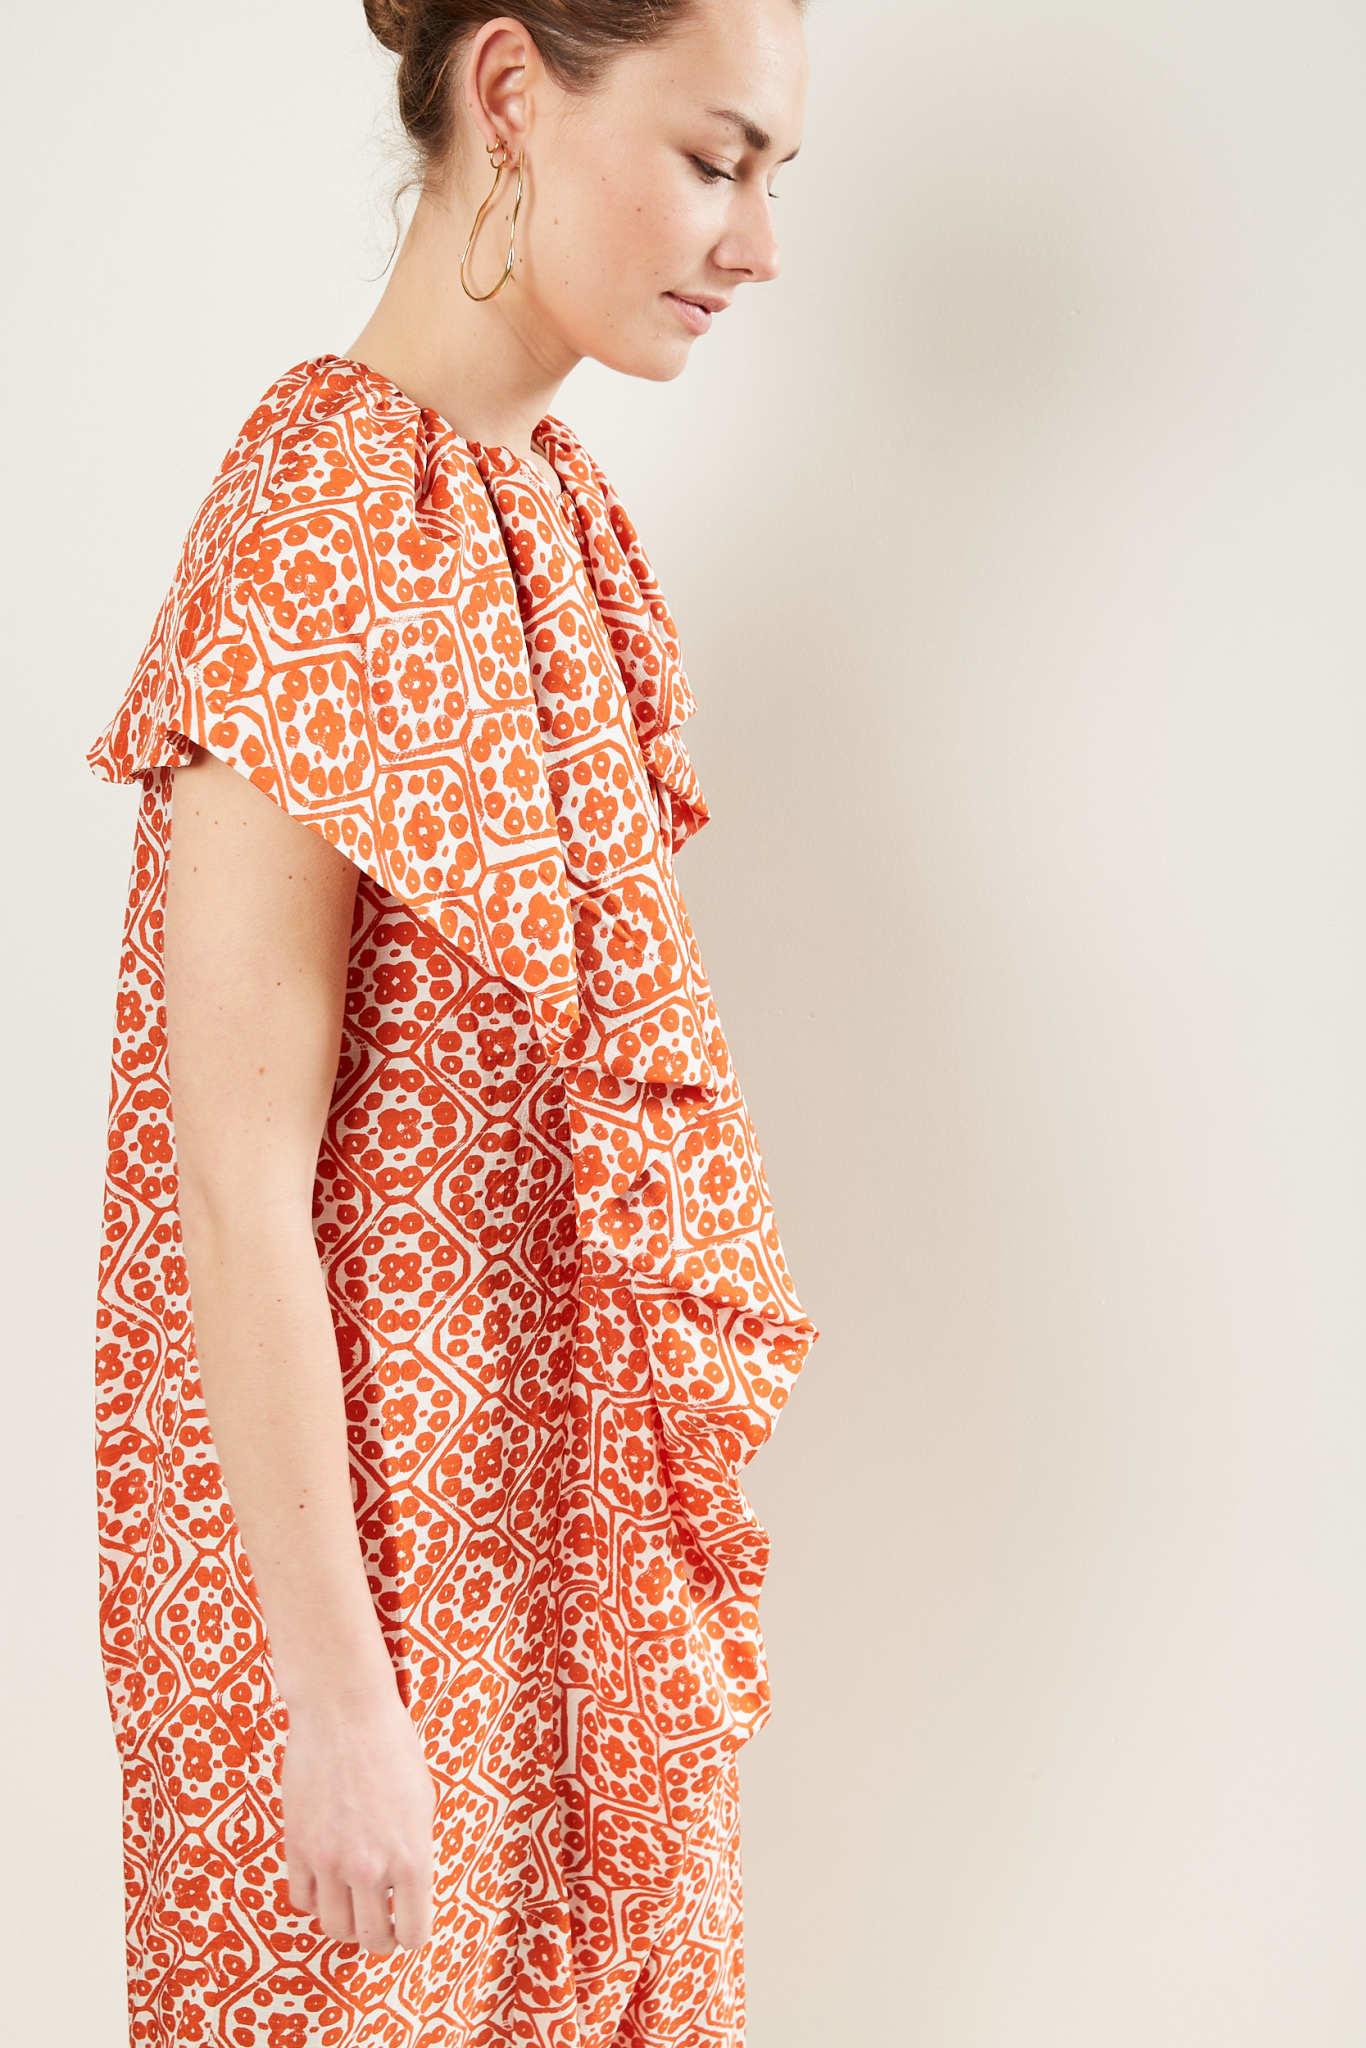 Christian Wijnants - Diji silk blend dress.